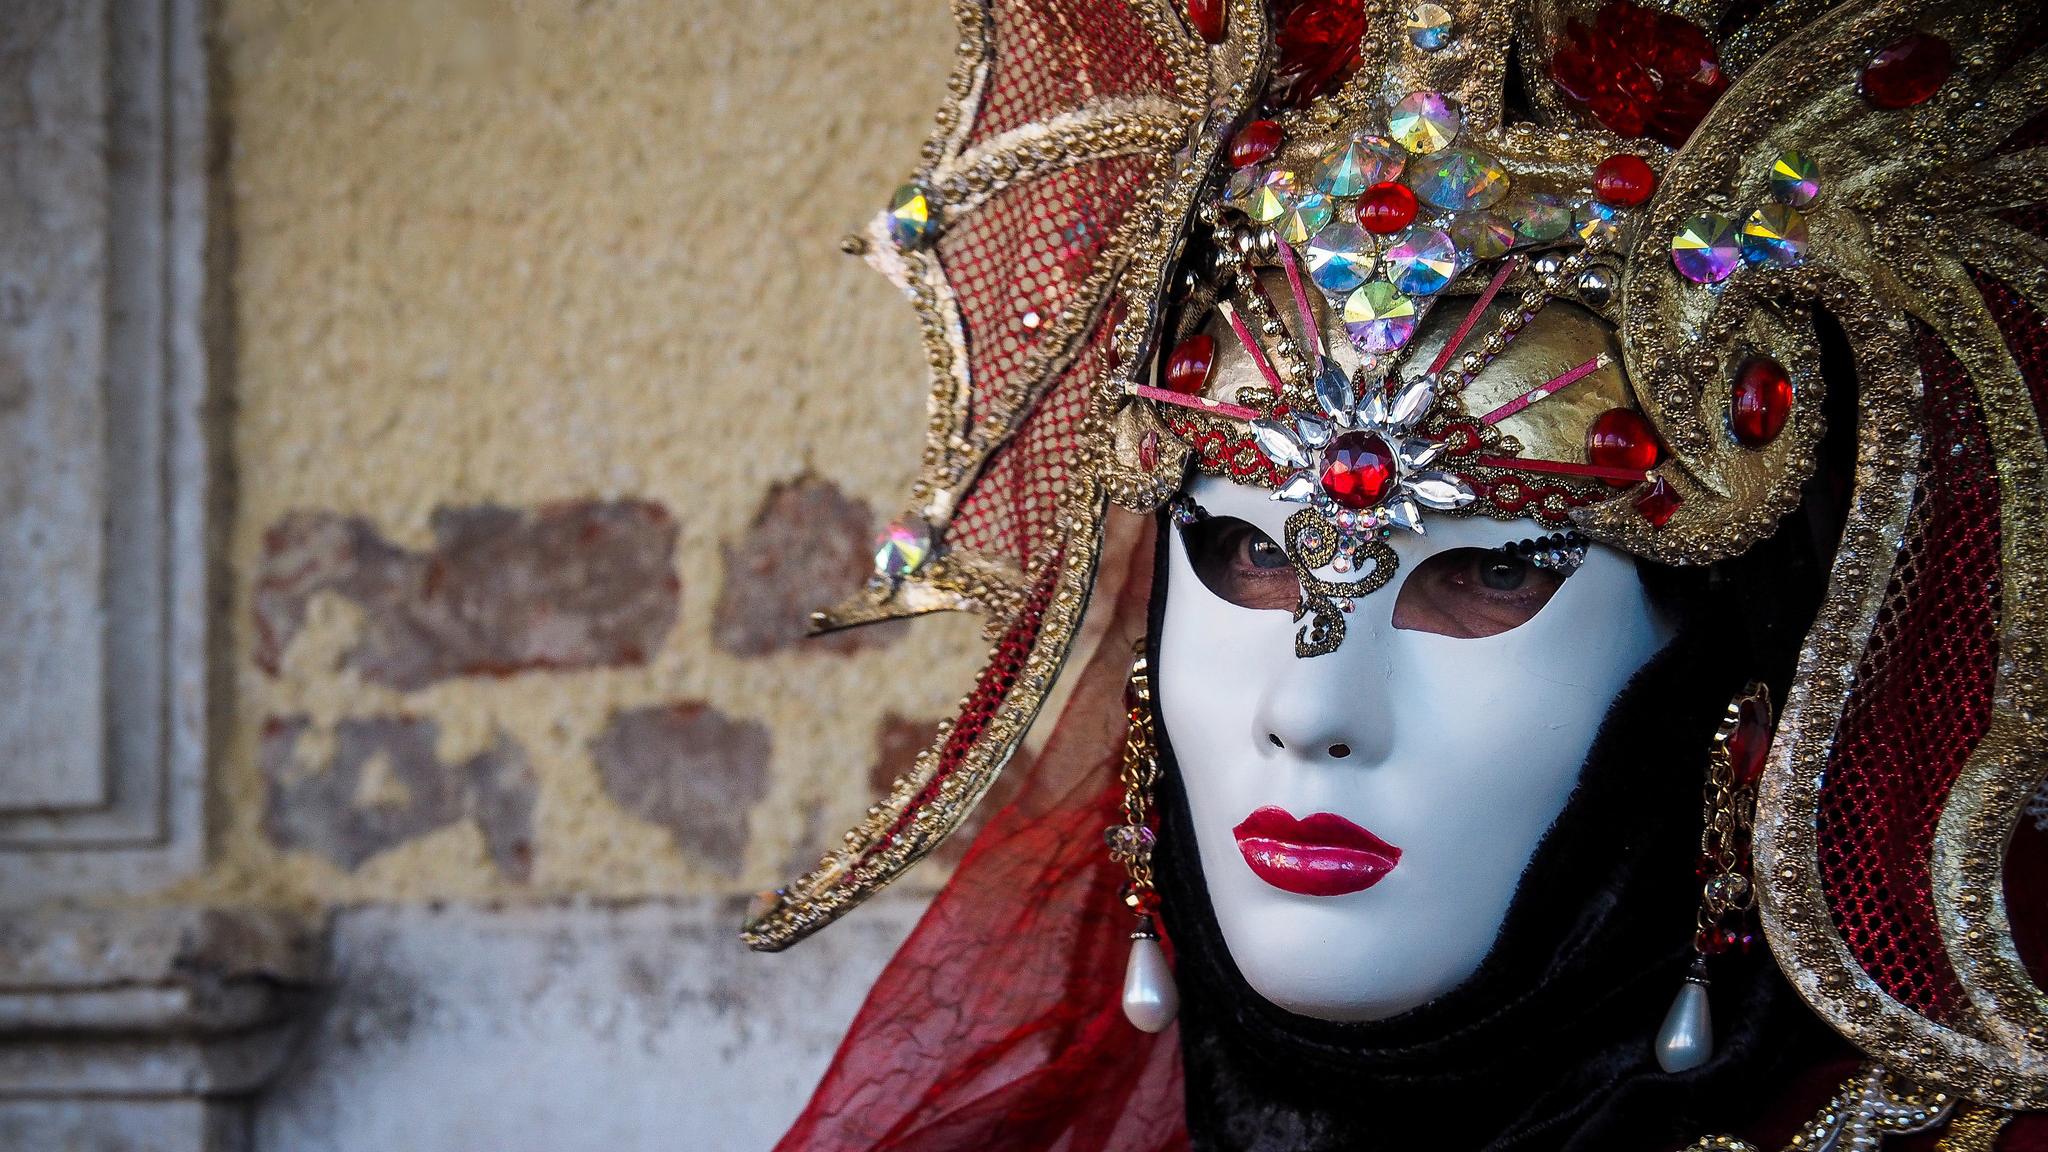 дерматит венецианская маска фотосессия всех мечтаний, ярких